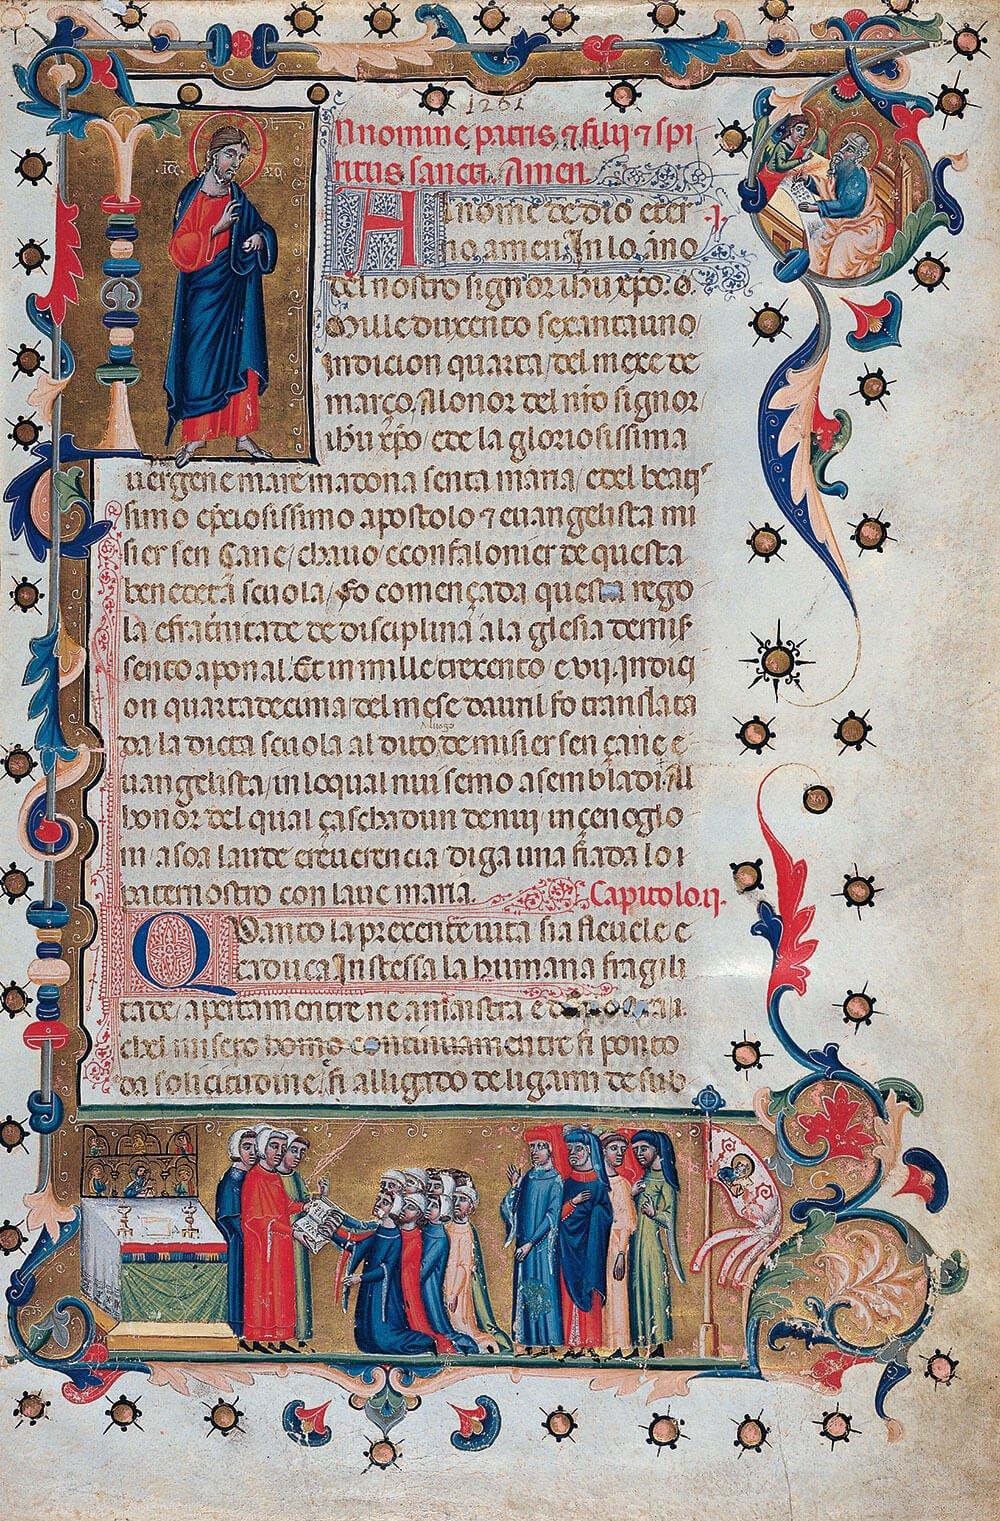 Mariegola della Scuola Grande di San Giovanni Evangelista. 16th century, first page. Venice, Fondazione Giorgio Cini.